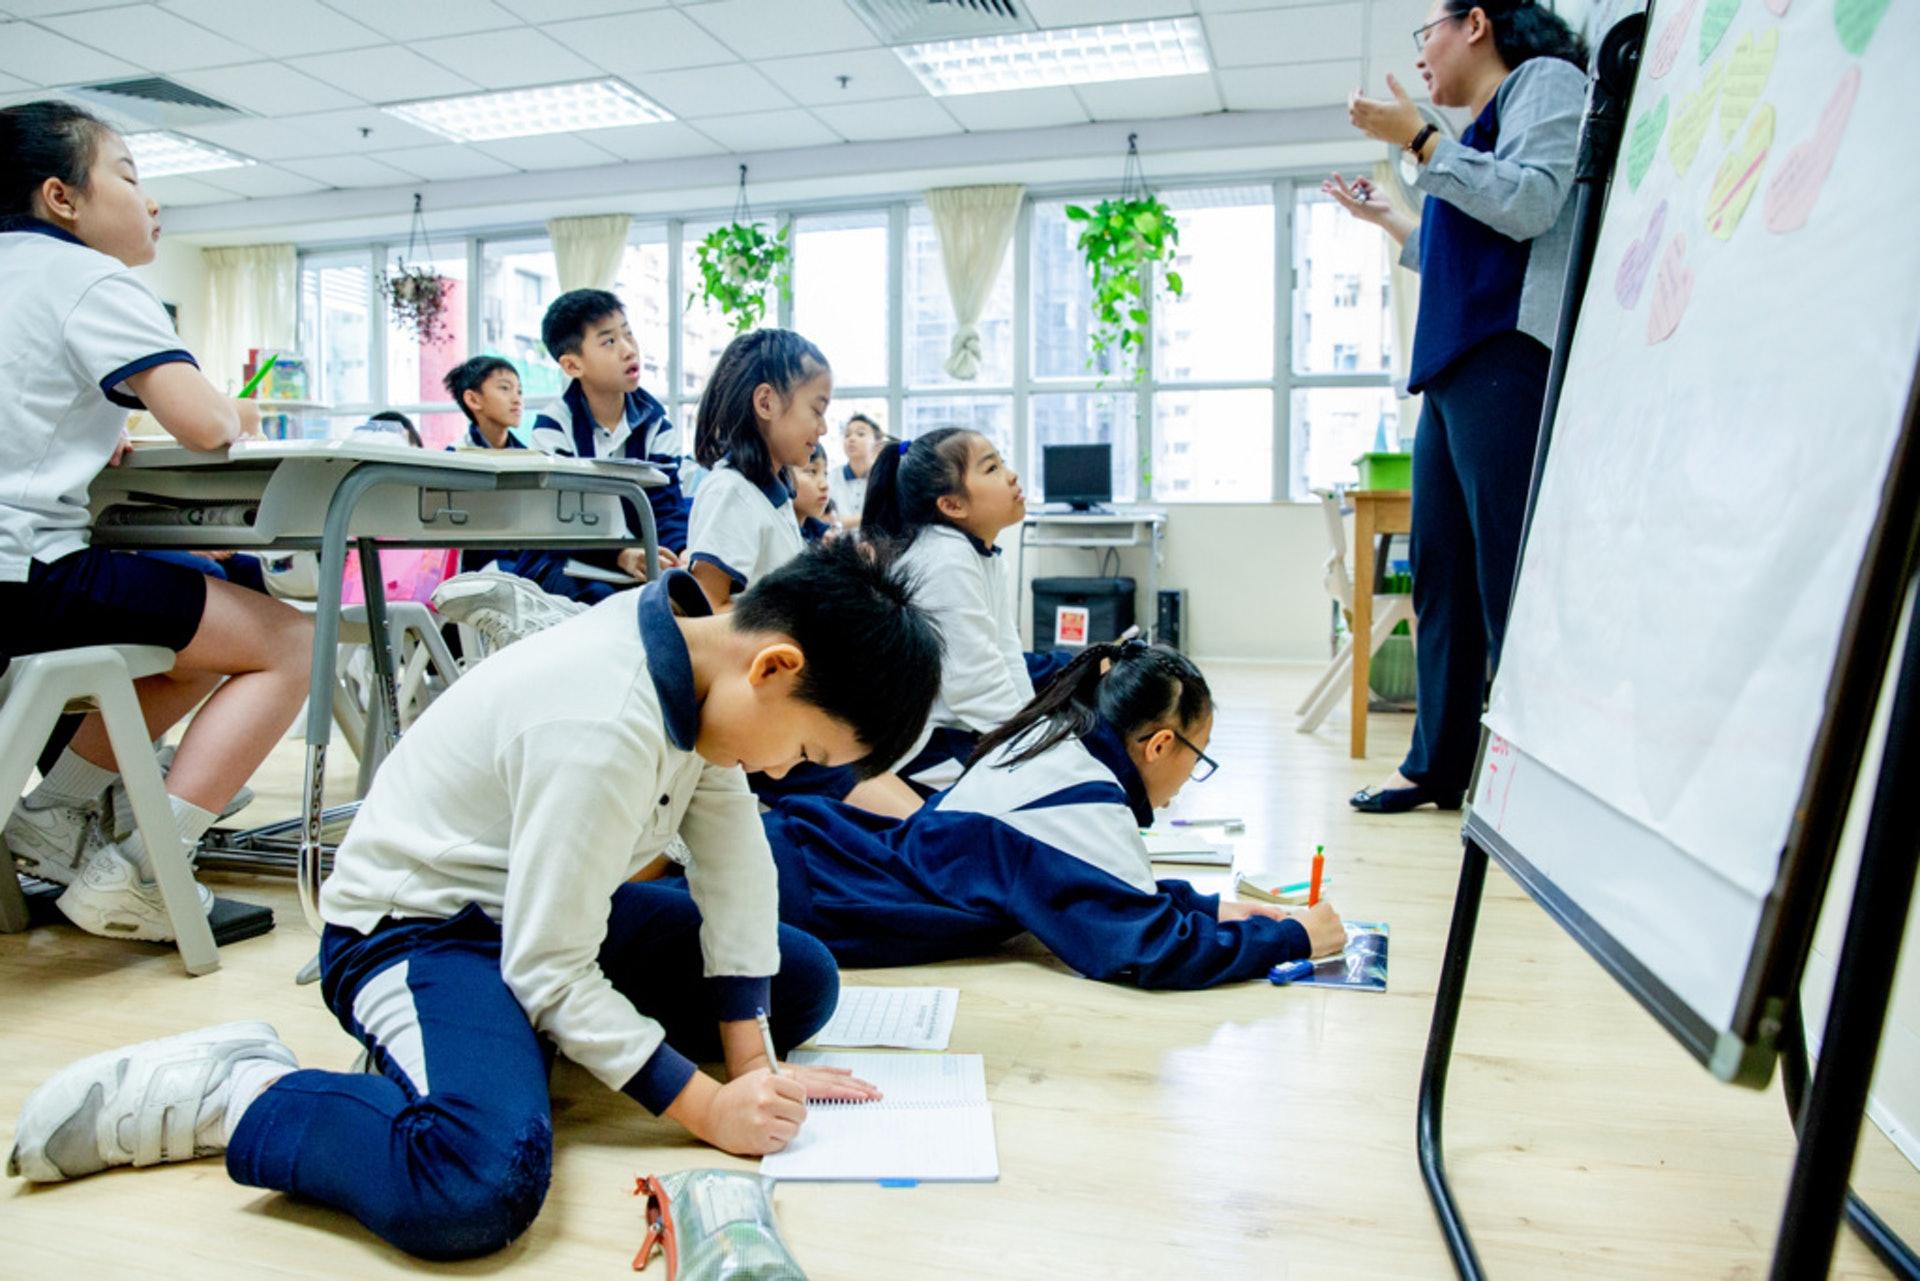 每節課55分鐘,看似很長,其實每10至15分鐘便會轉變授課形式,只有開始的5至10分鐘需要耐心聽講解。